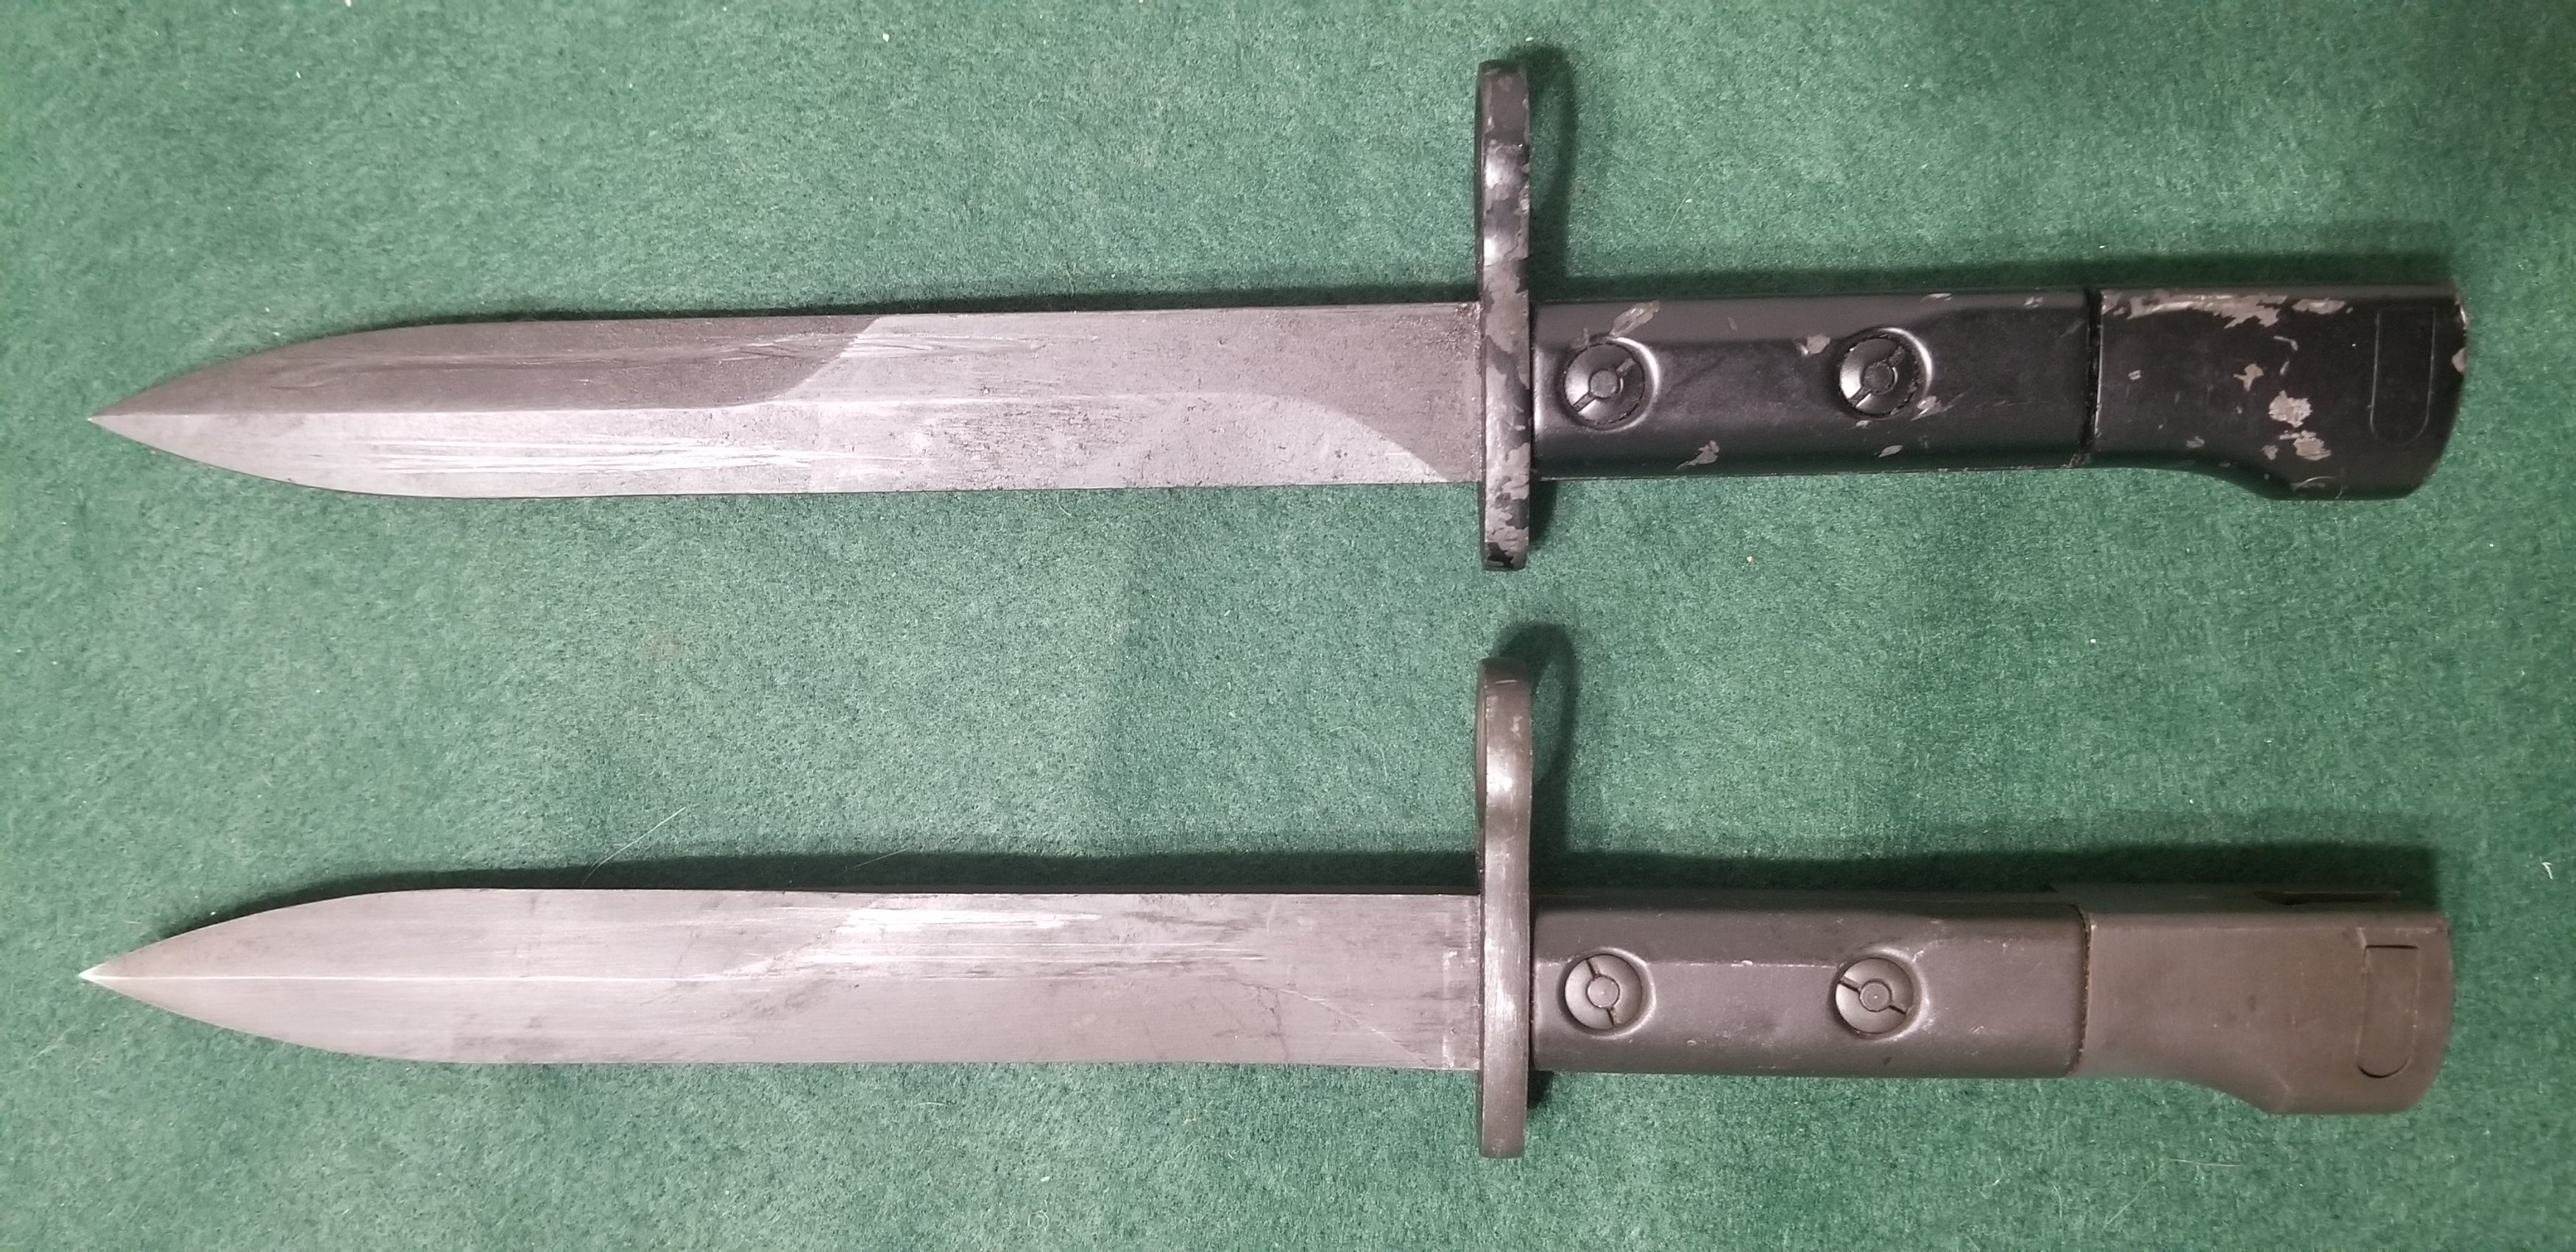 Uzi Bayonet Identification